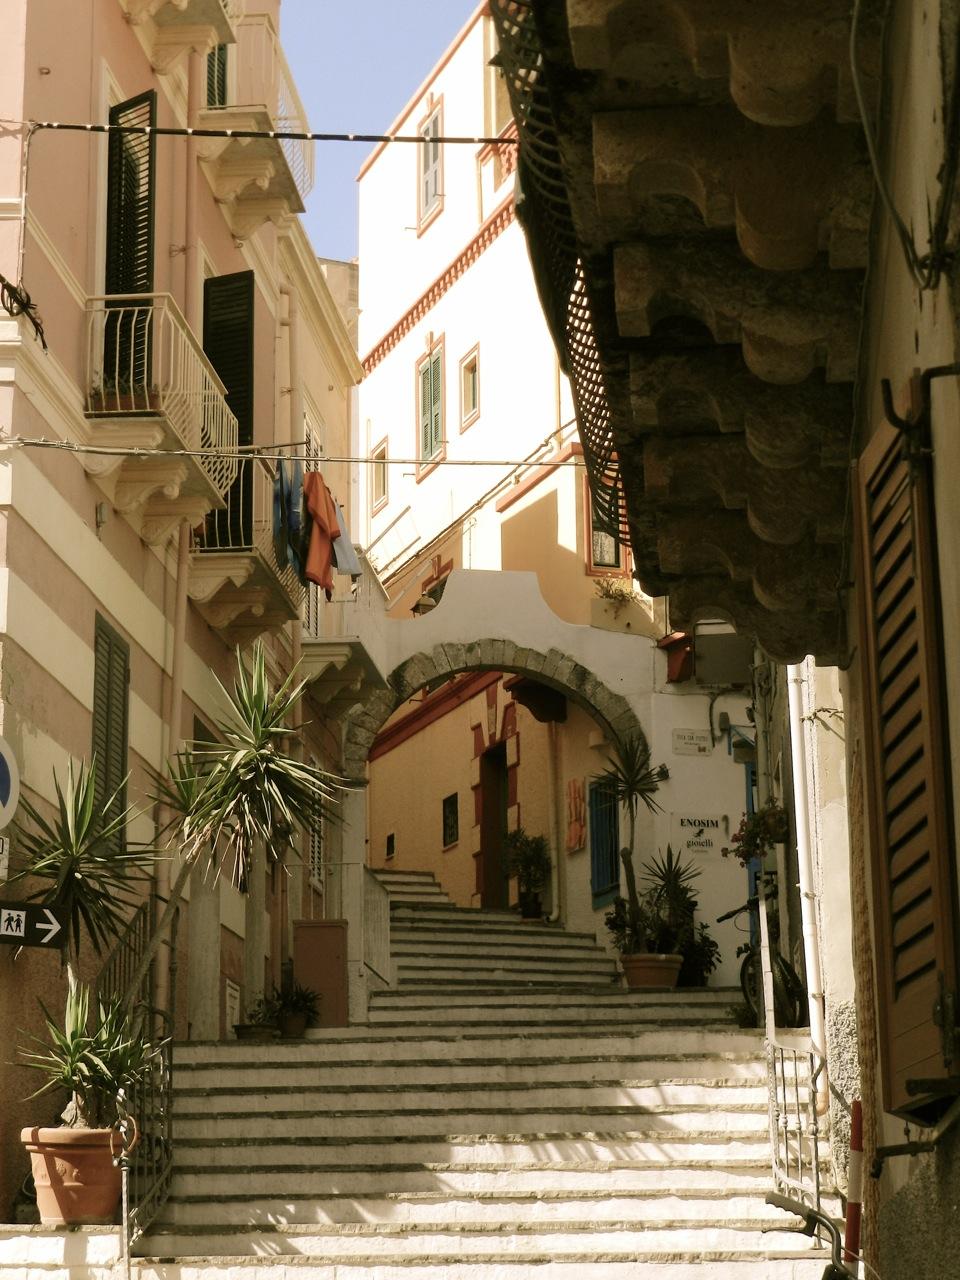 Carloforte: Ligurisches Flair auf der Insel San Pietro